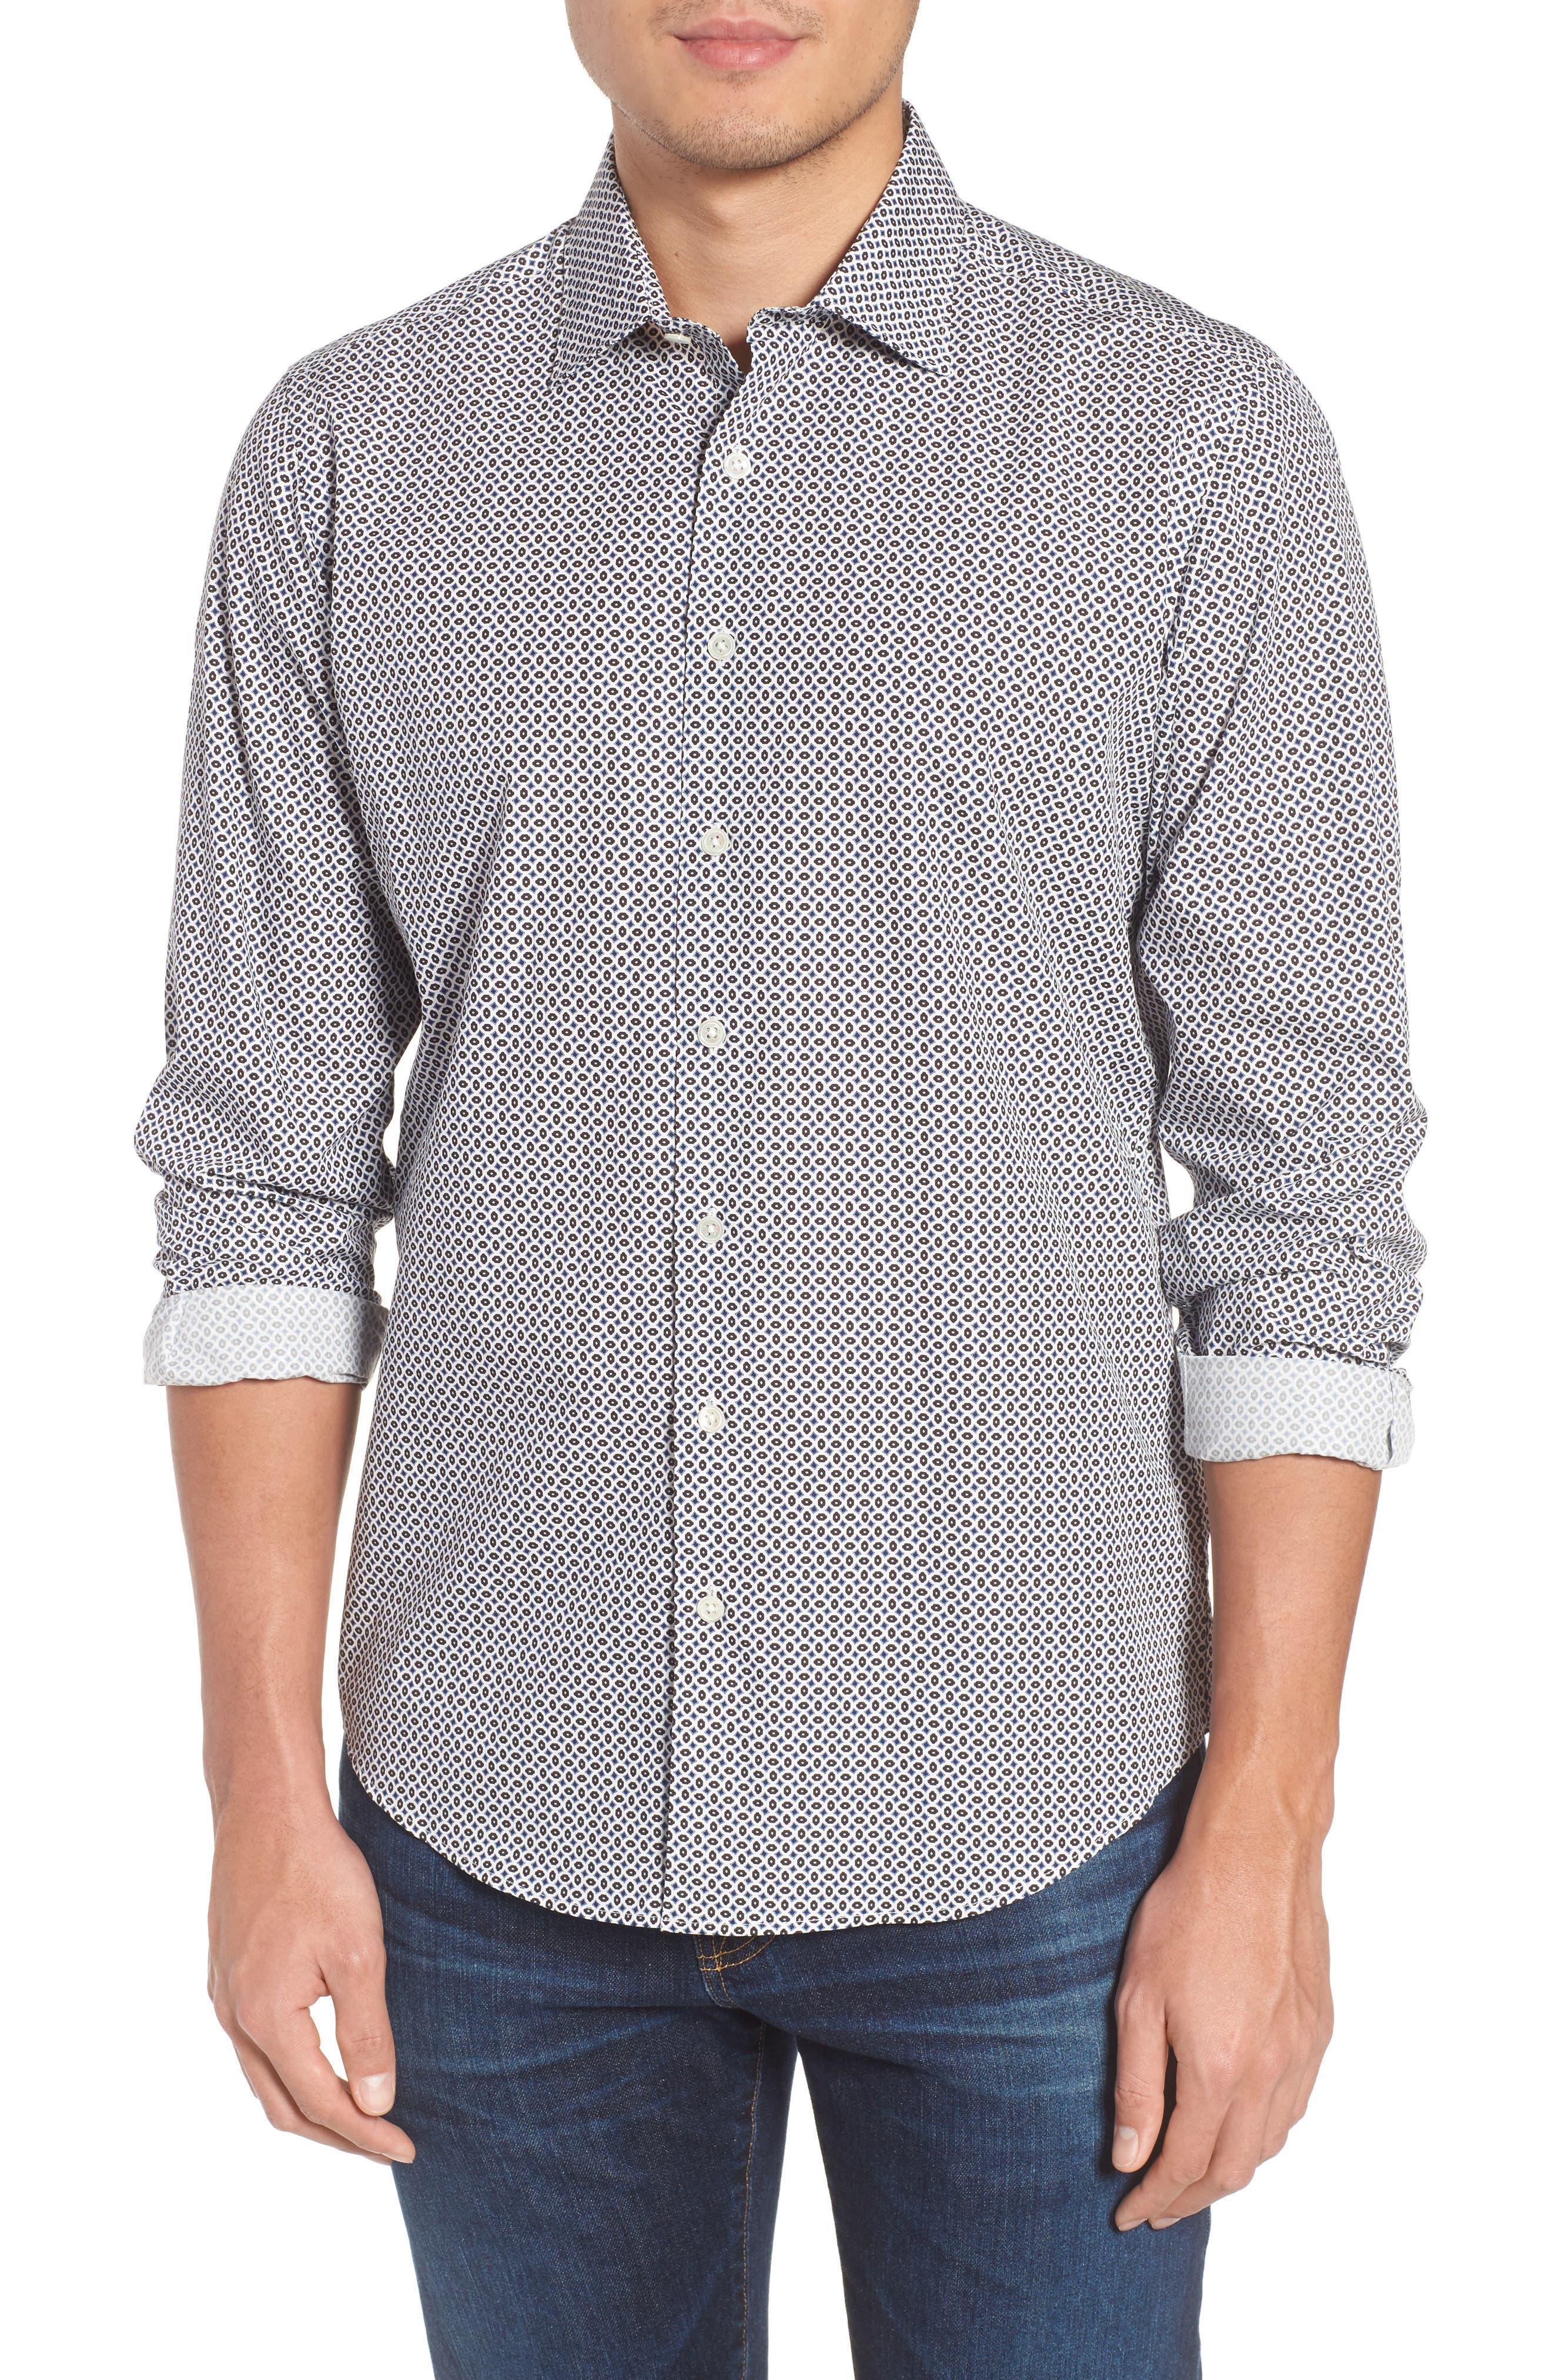 Rodd & Gunn Oak House Regular Fit Sport Shirt